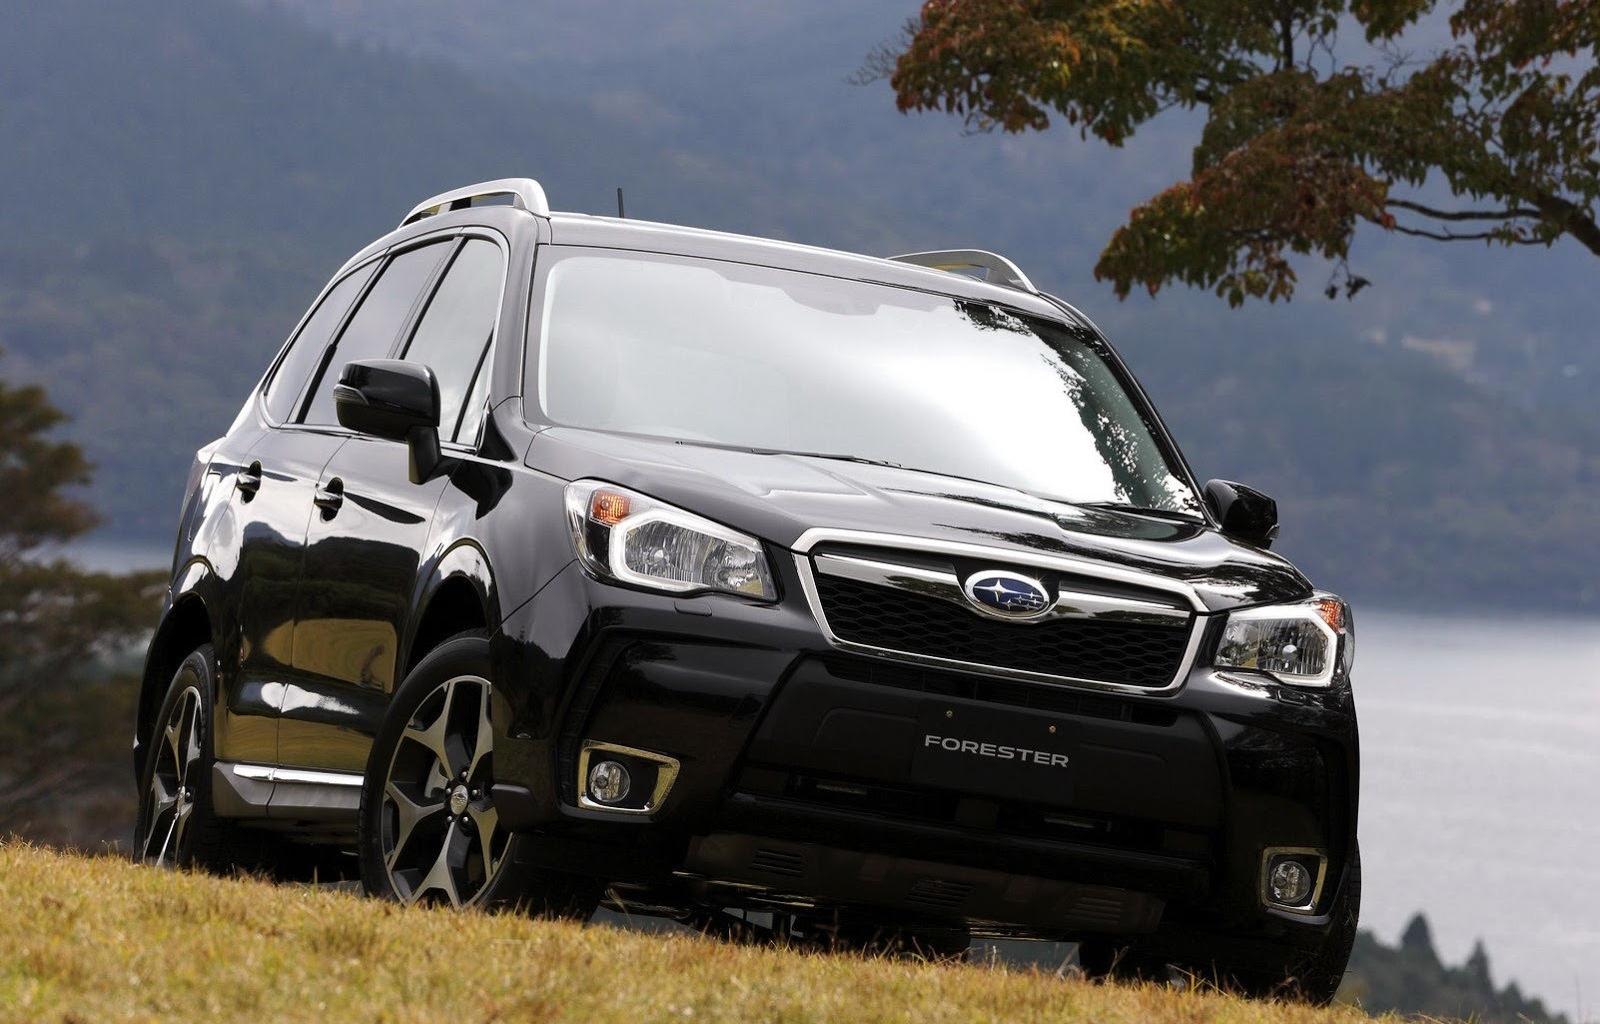 Скачать картинку Машины, Субару (Subaru), Транспорт в телефон бесплатно.